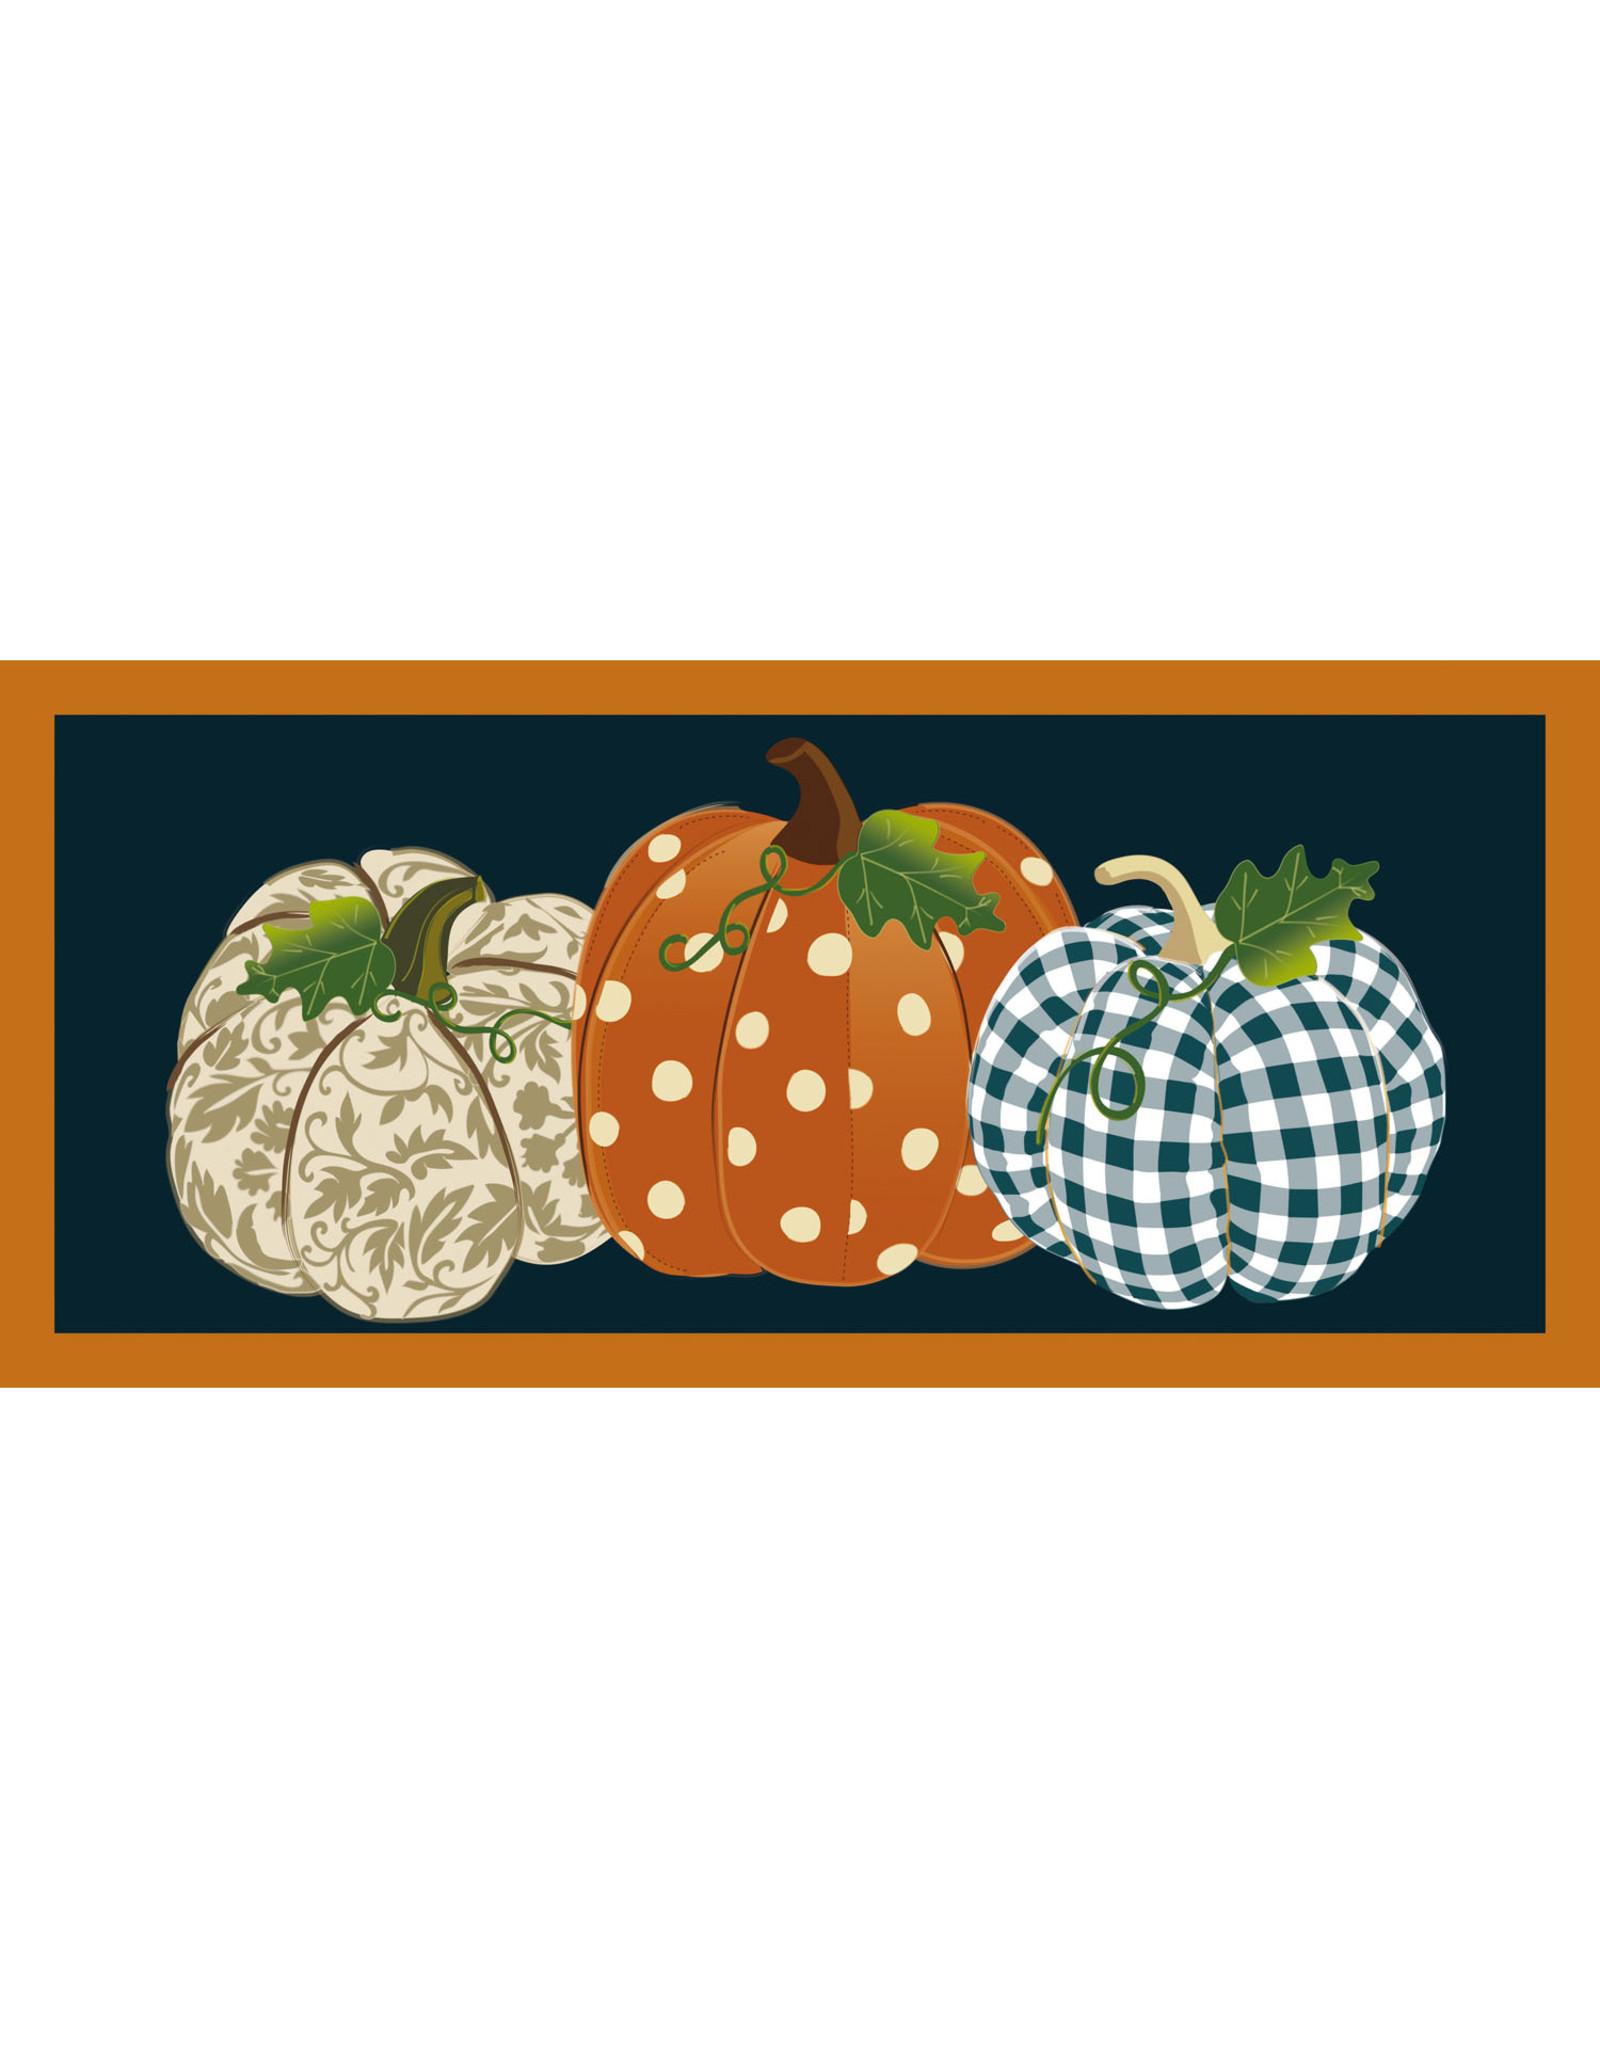 Evergreen Enterprises Patterned Pumpkins Sassafras Switch Mat